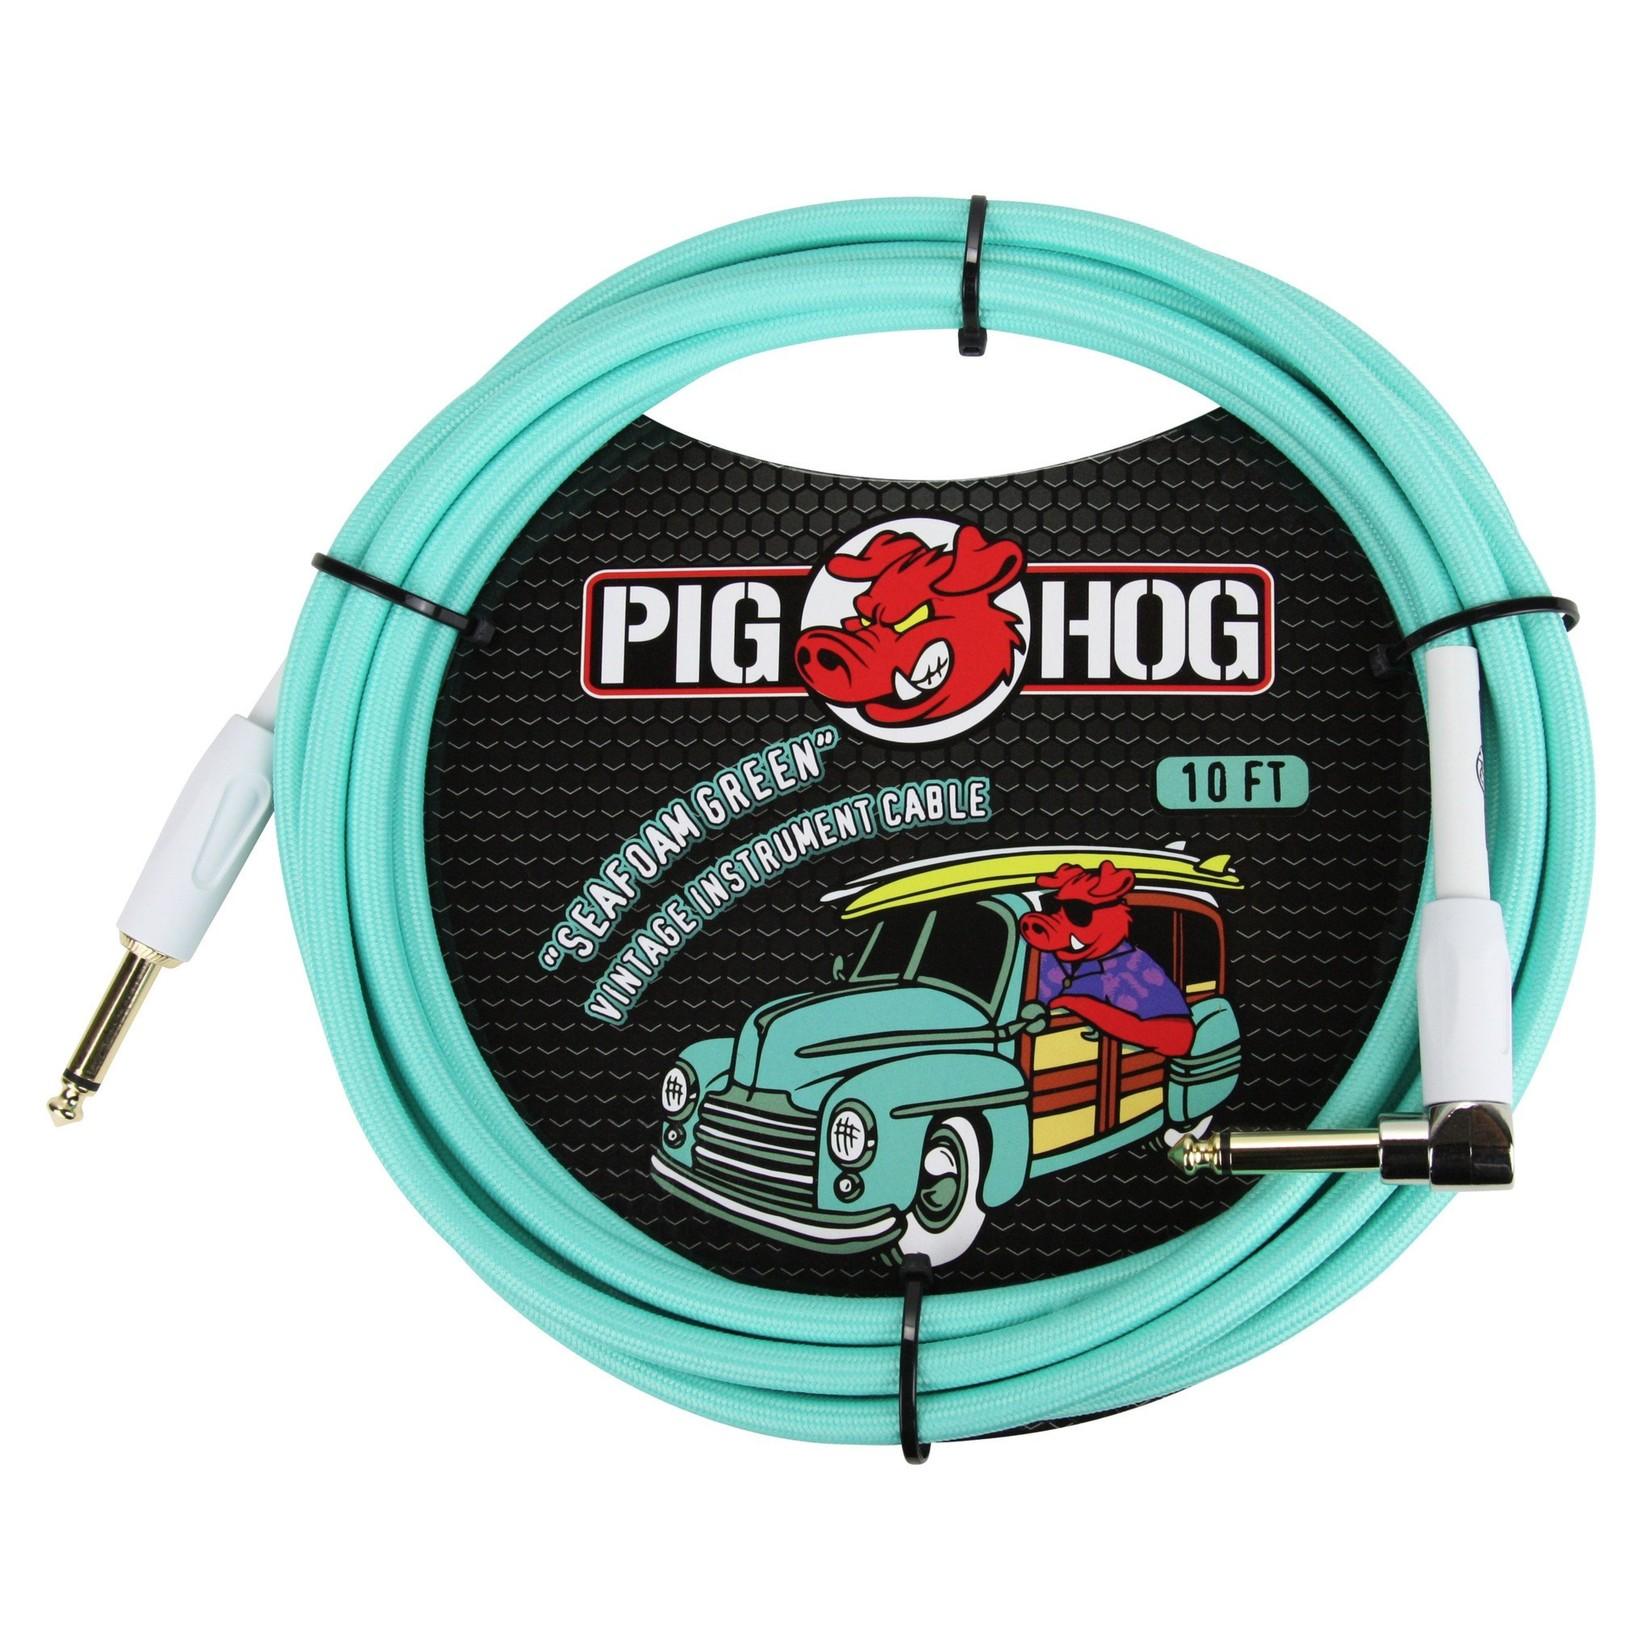 """Pig Hog Pig Hog """"Seafoam Green"""" Vintage Instrument Cable - 10 FT Right Angle (PCH10SGR)"""